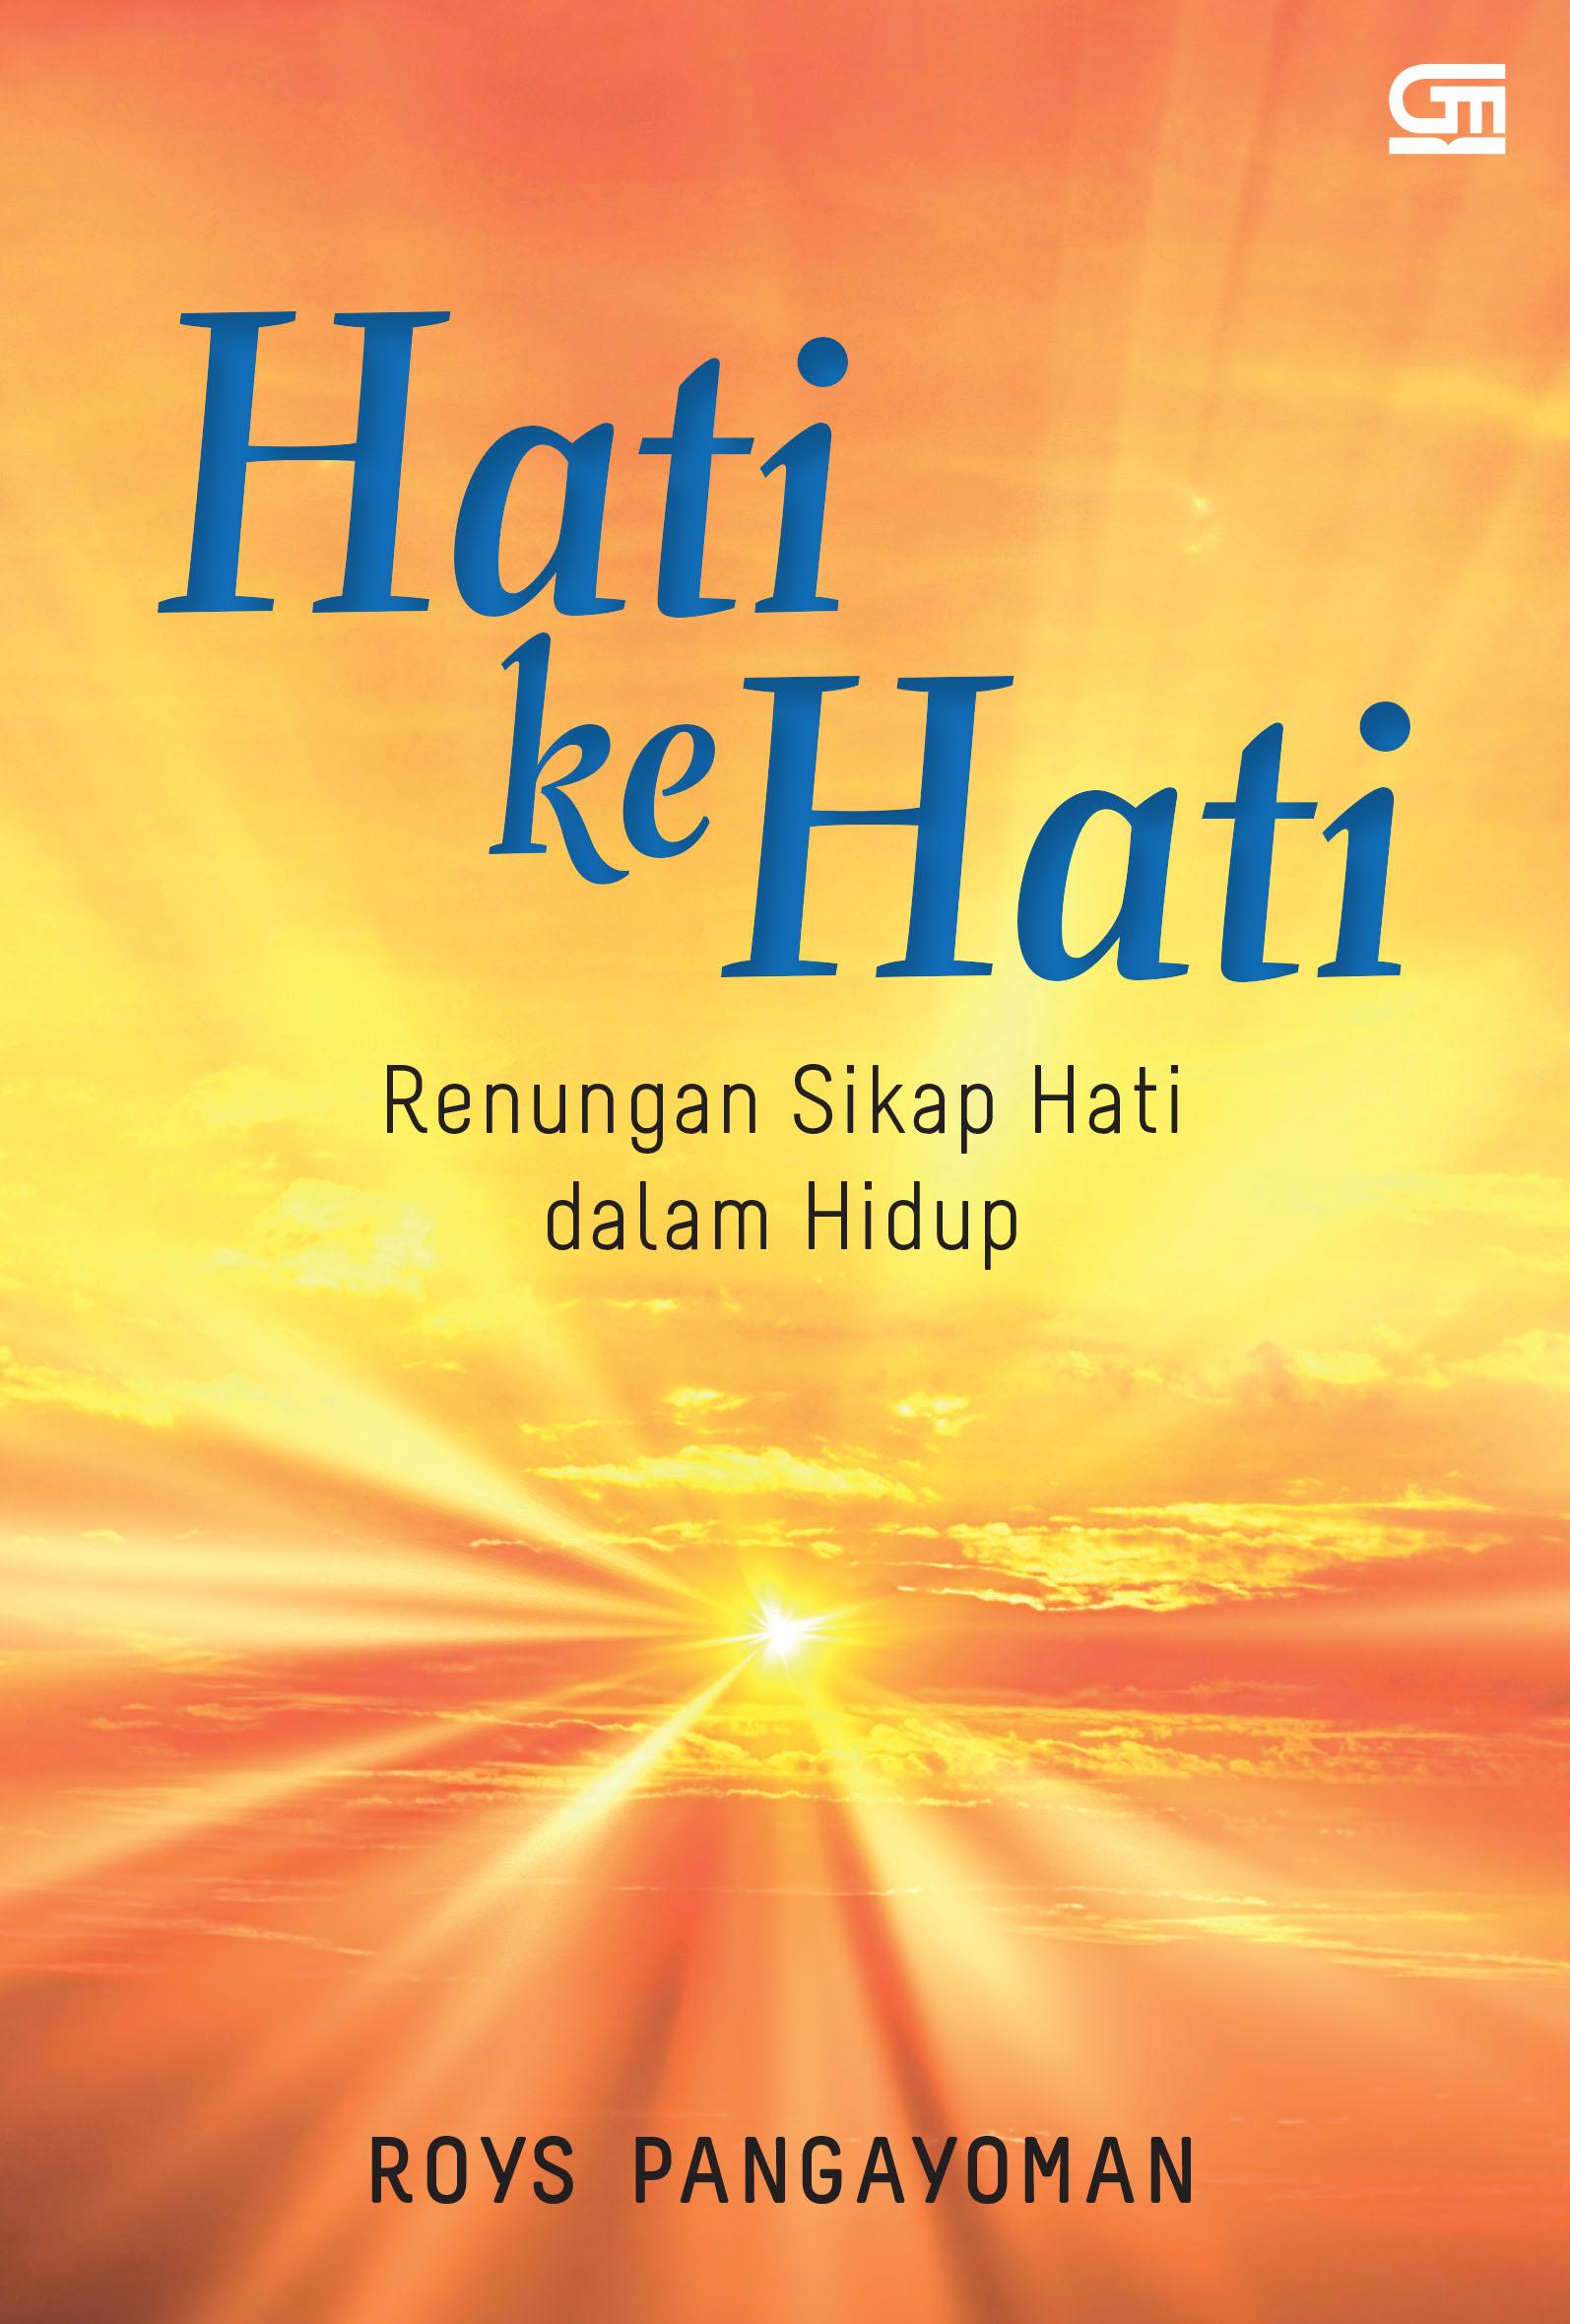 Hati ke Hati: Renungan Sikap Hati dalam Hidup